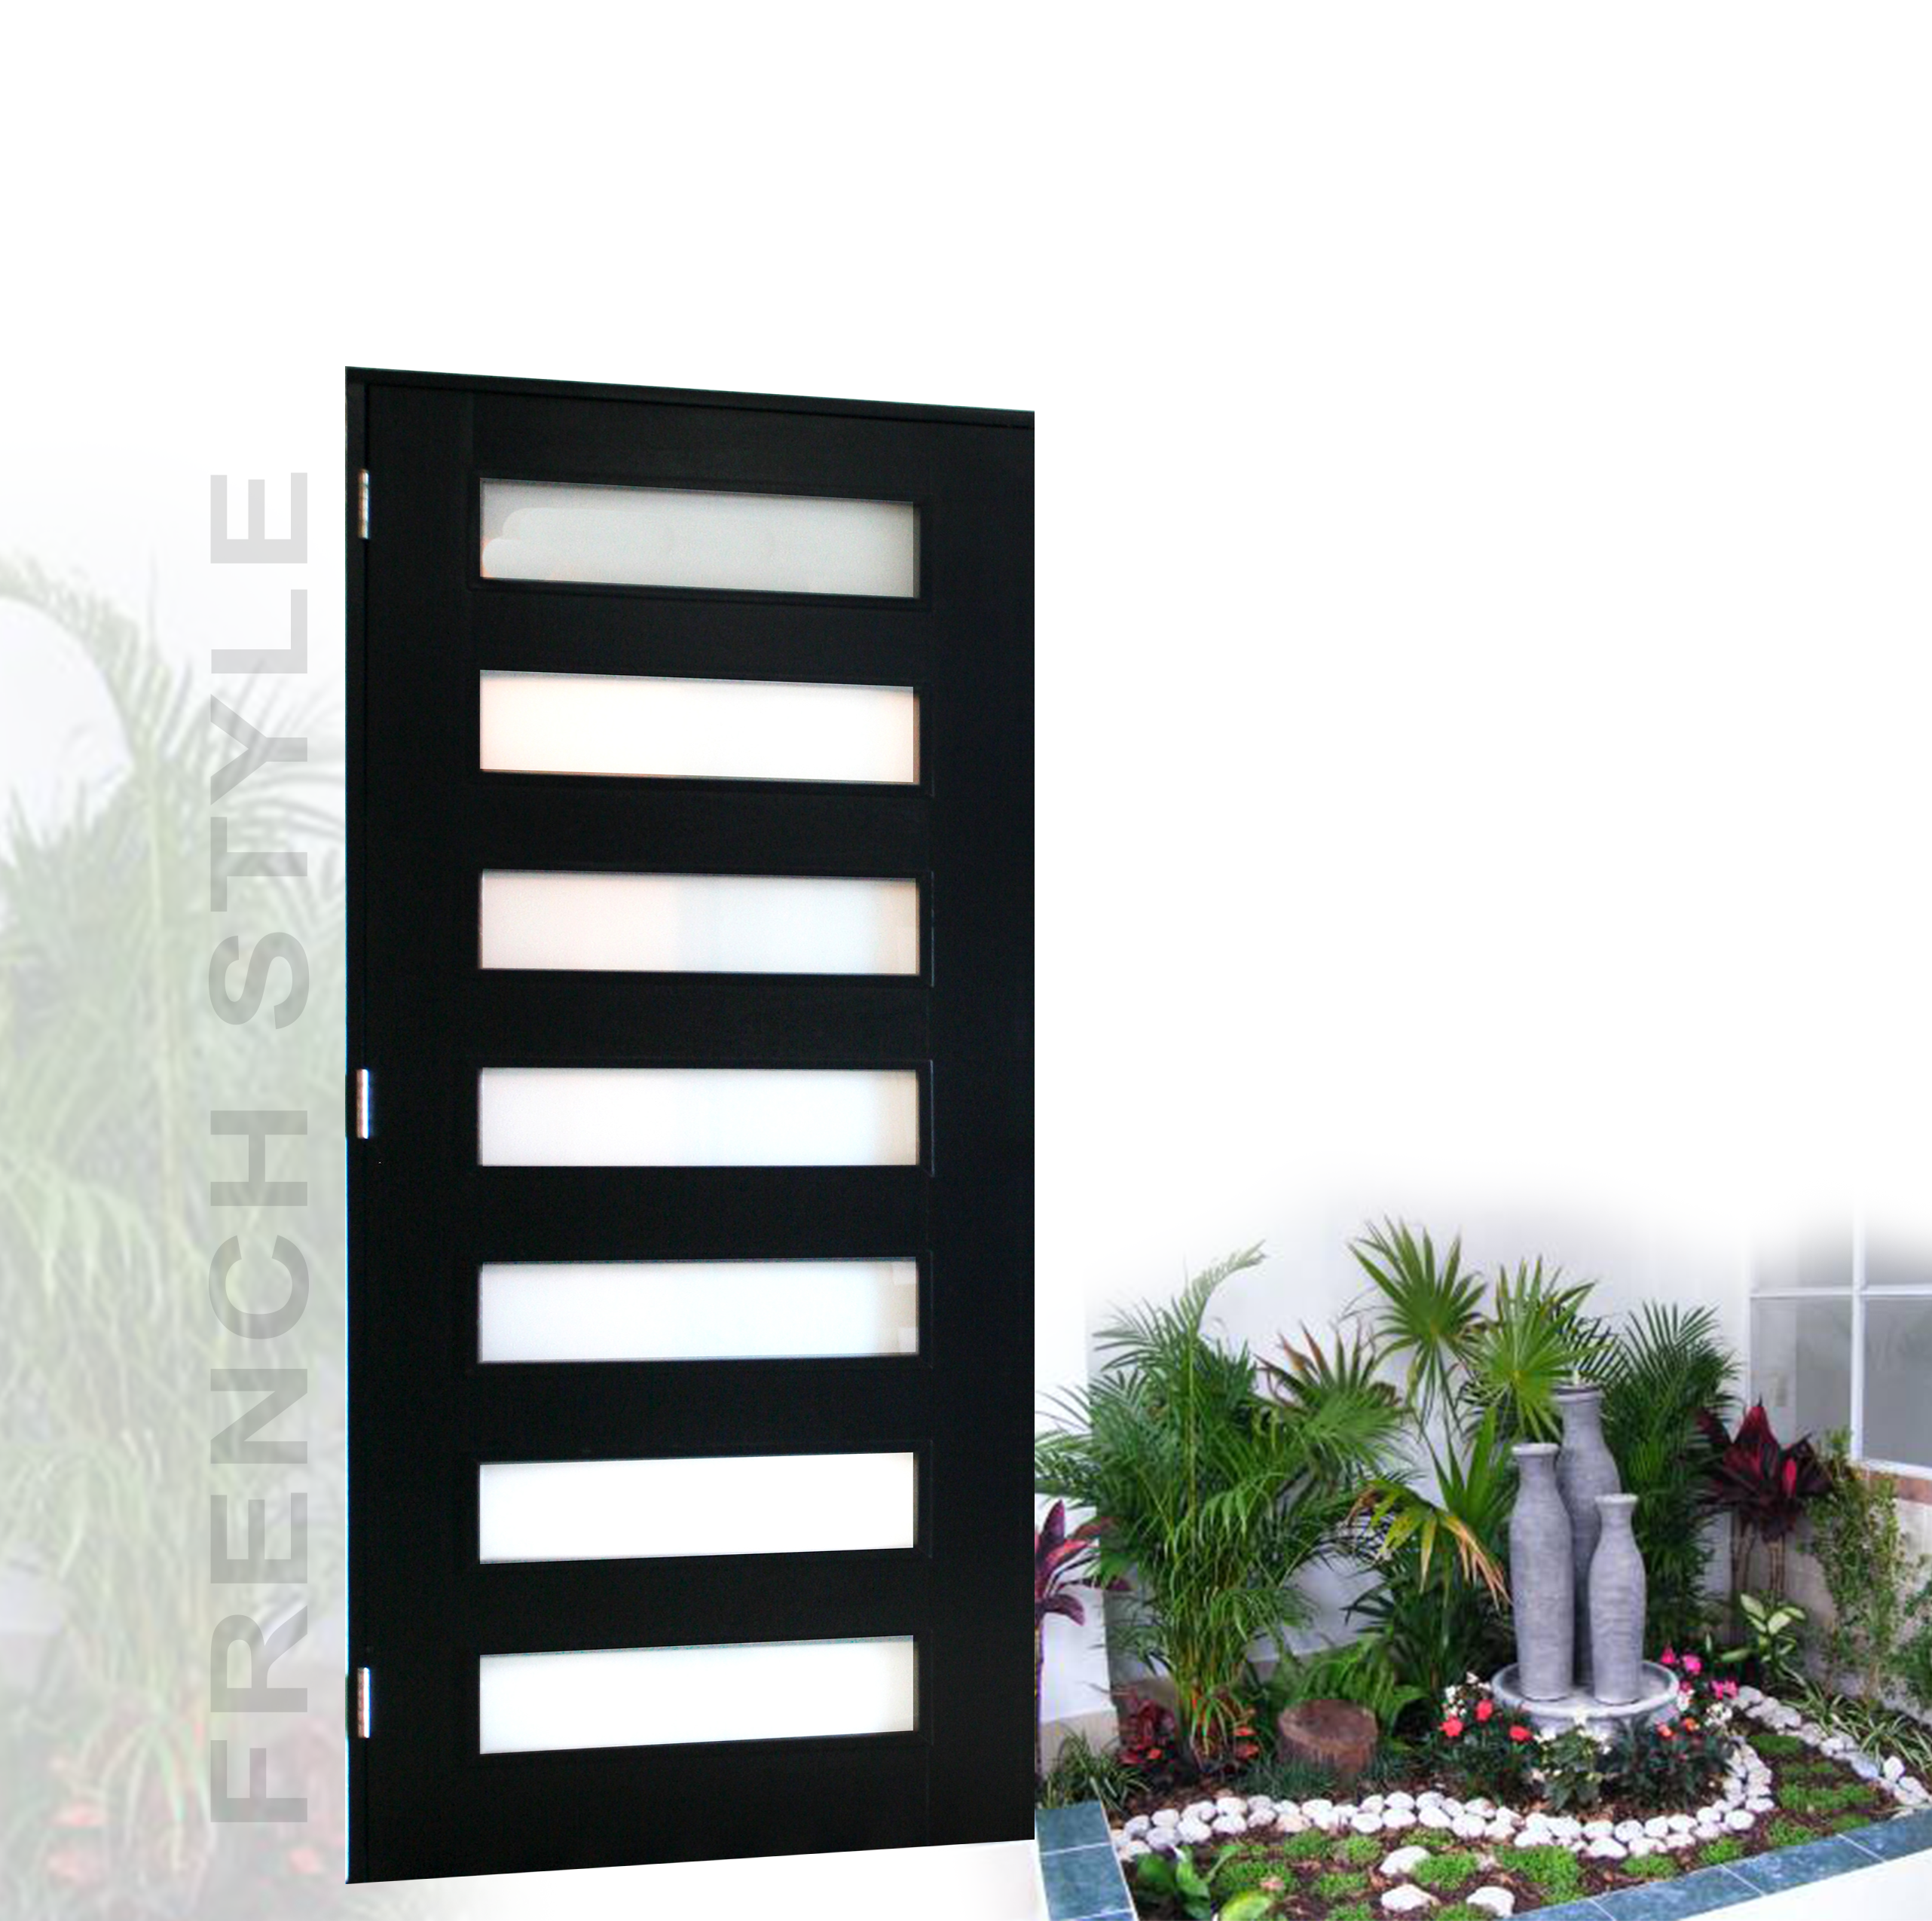 Puertas de madera modernas madecopr for Puertas en aluminio modernas